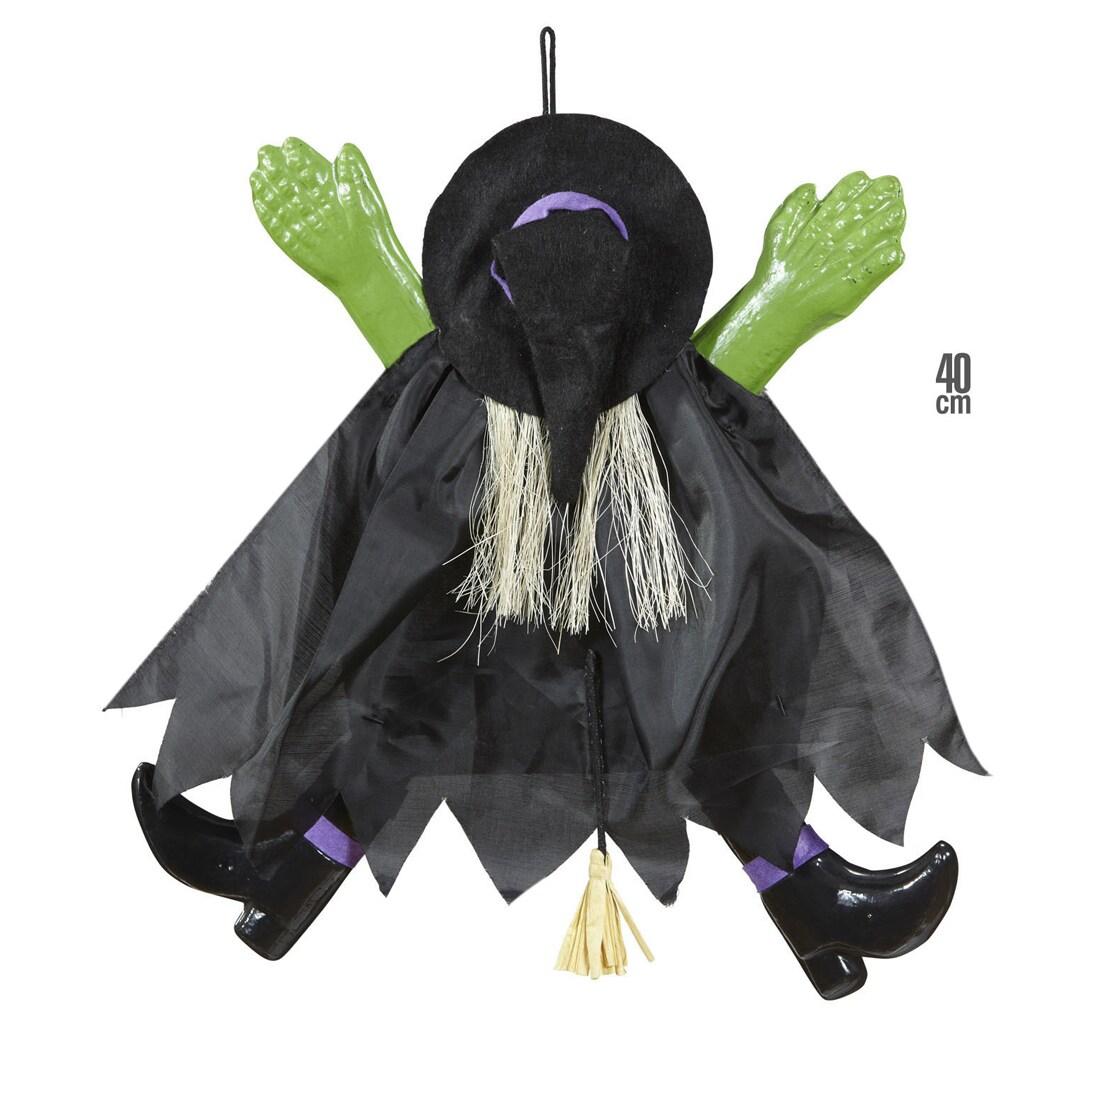 Fliegende Deko Hexe Halloween Hexen Dekoration 40 Cm 8 99